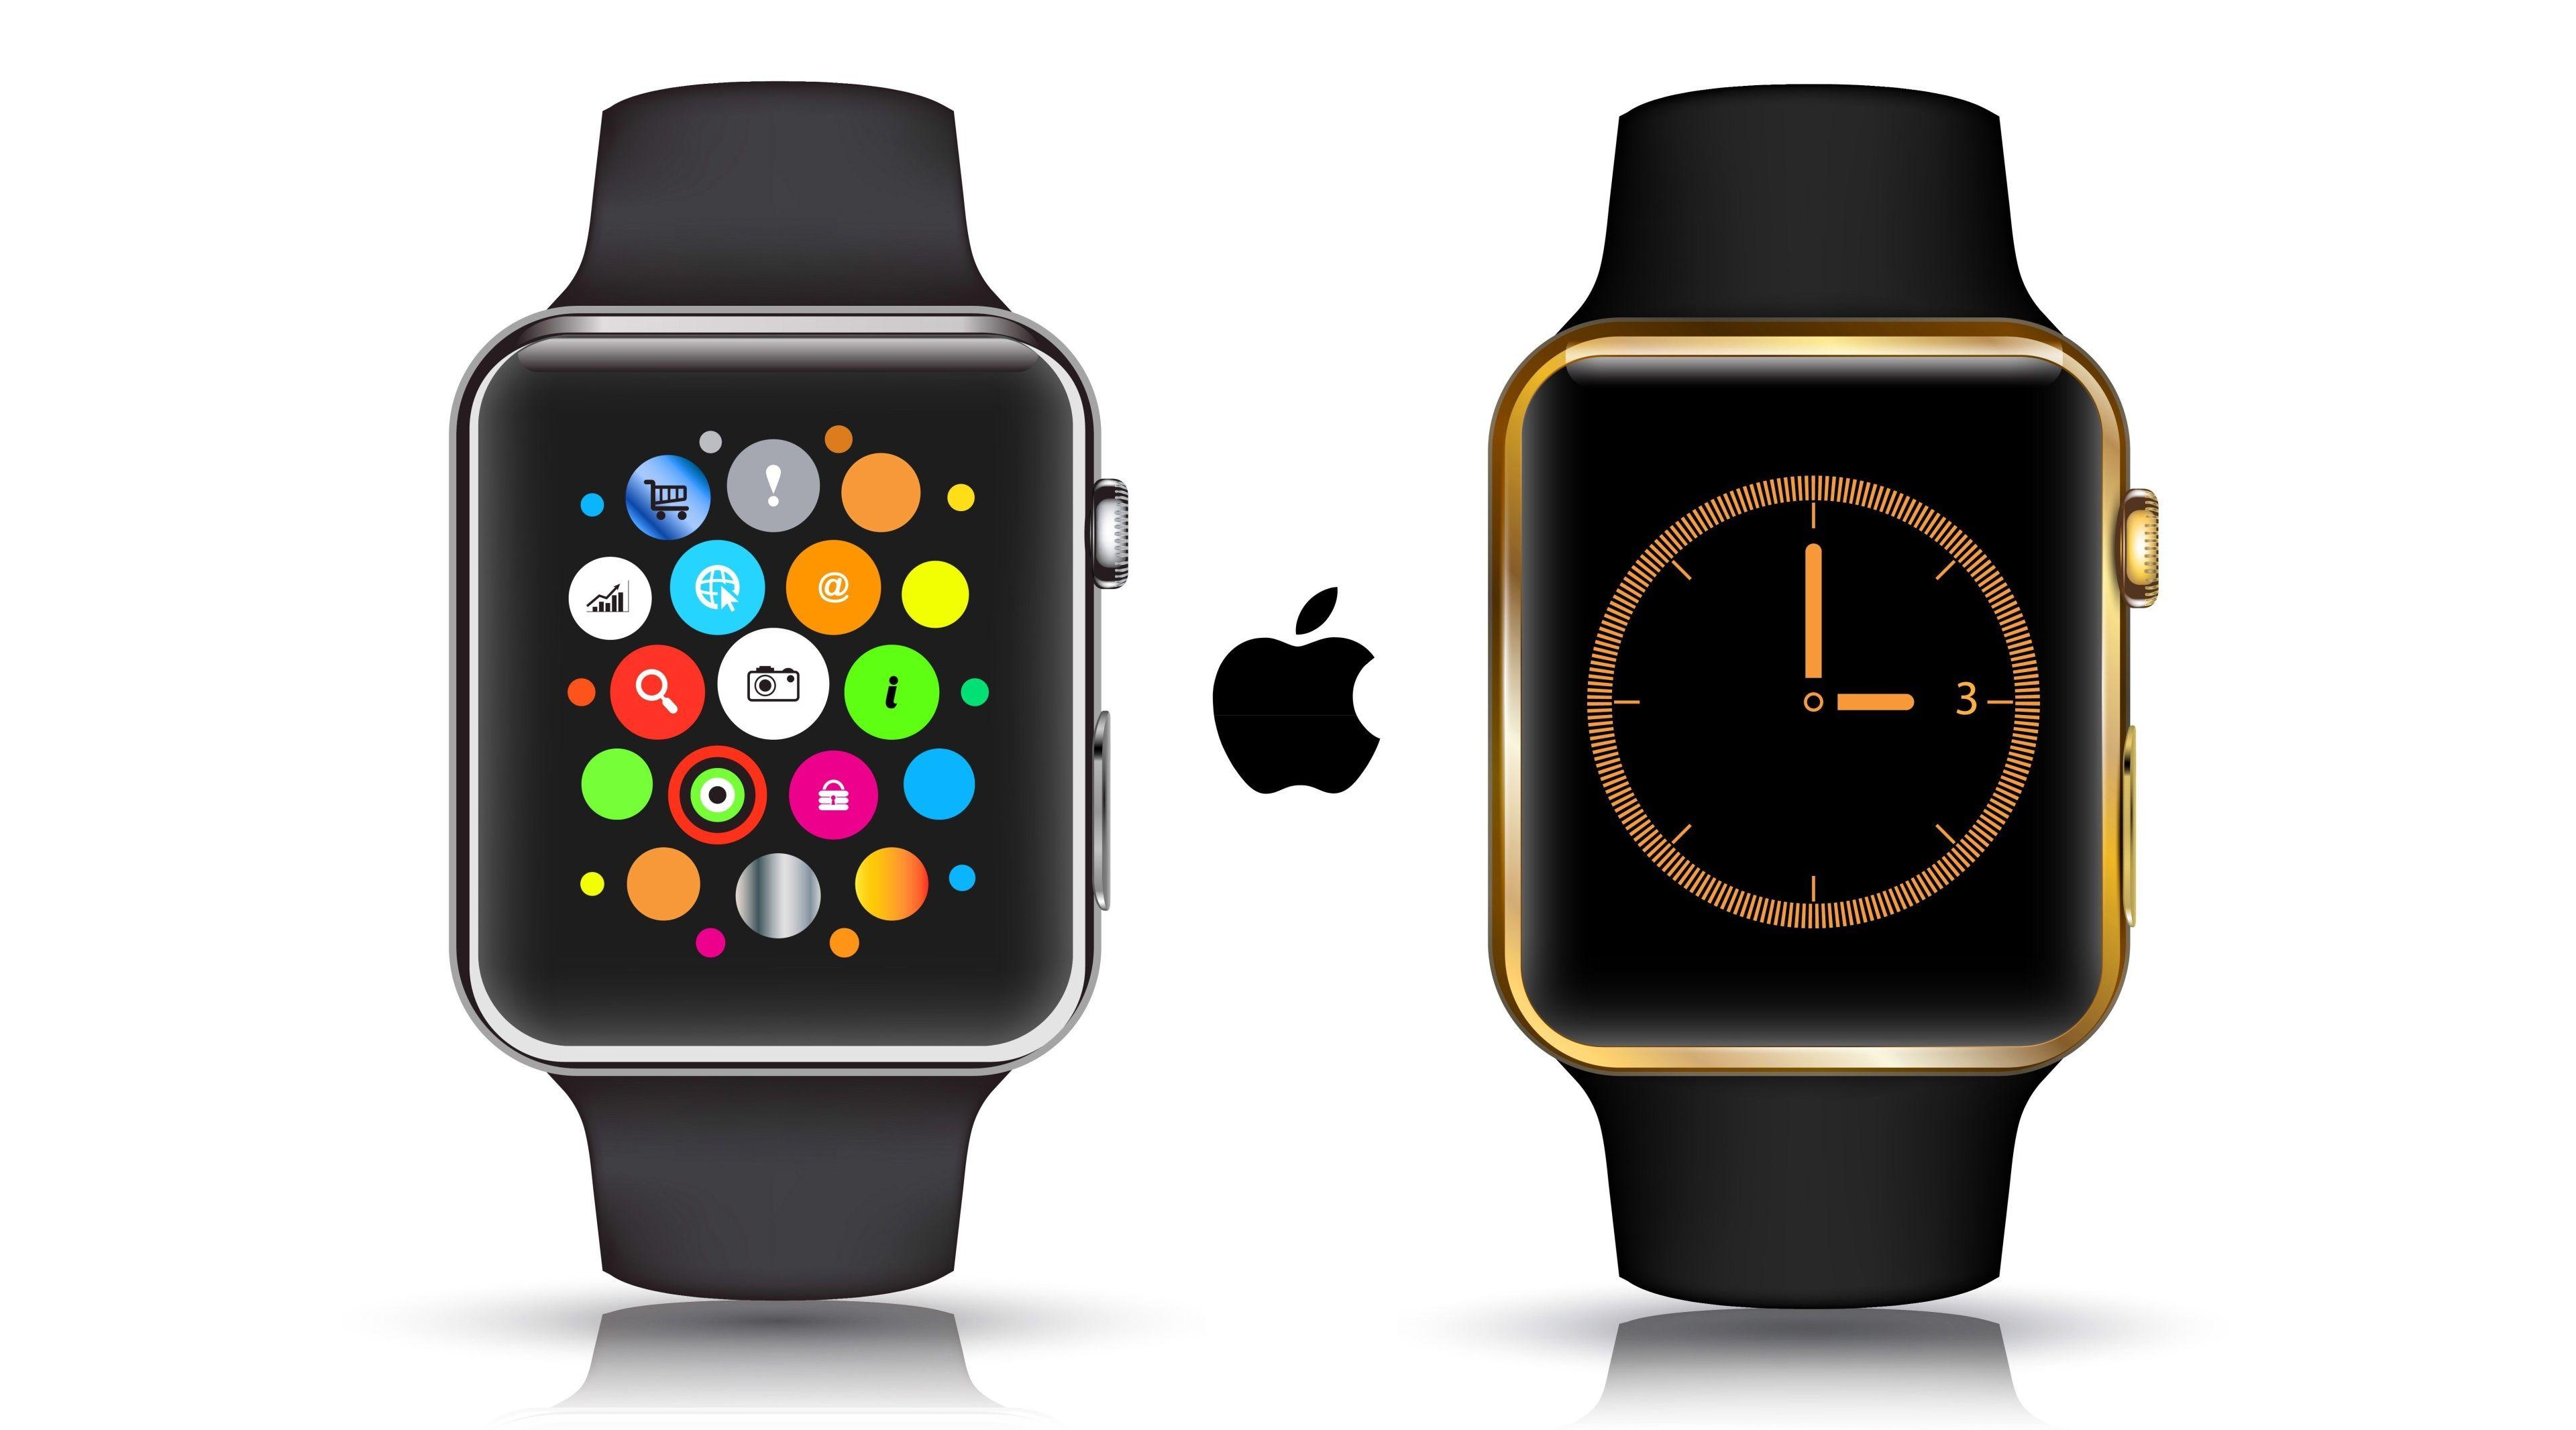 3840x2132 Apple Watch 4k Hd Background Wallpaper Apple Watch Free Apple Watch Apple Watch Series